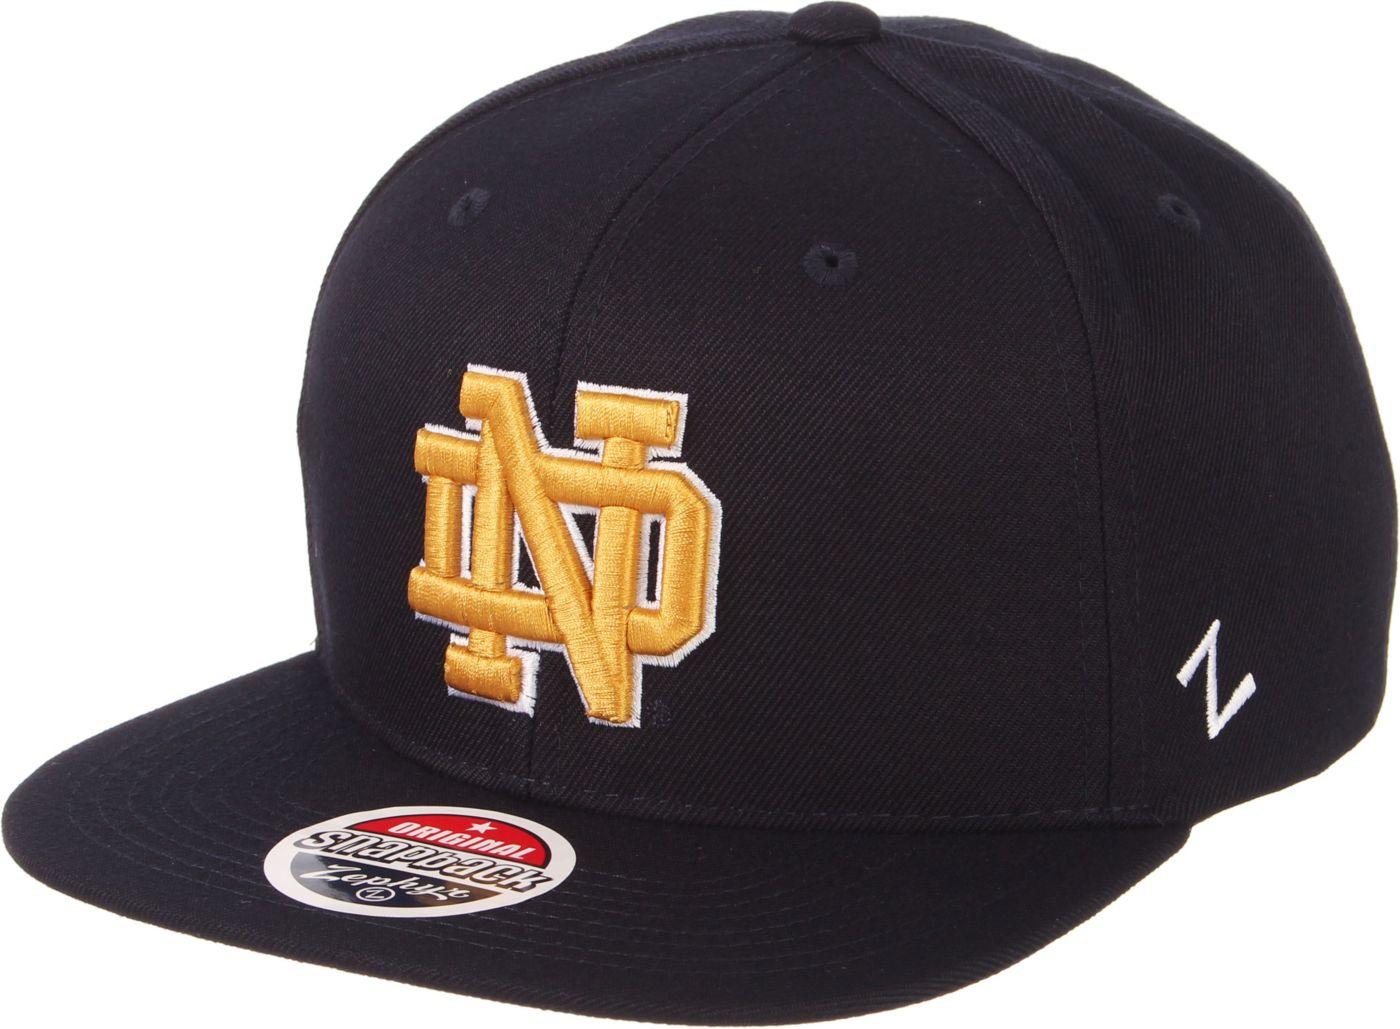 Zephyr Men's Notre Dame Fighting Irish Navy Script Adjustable Snapback Hat